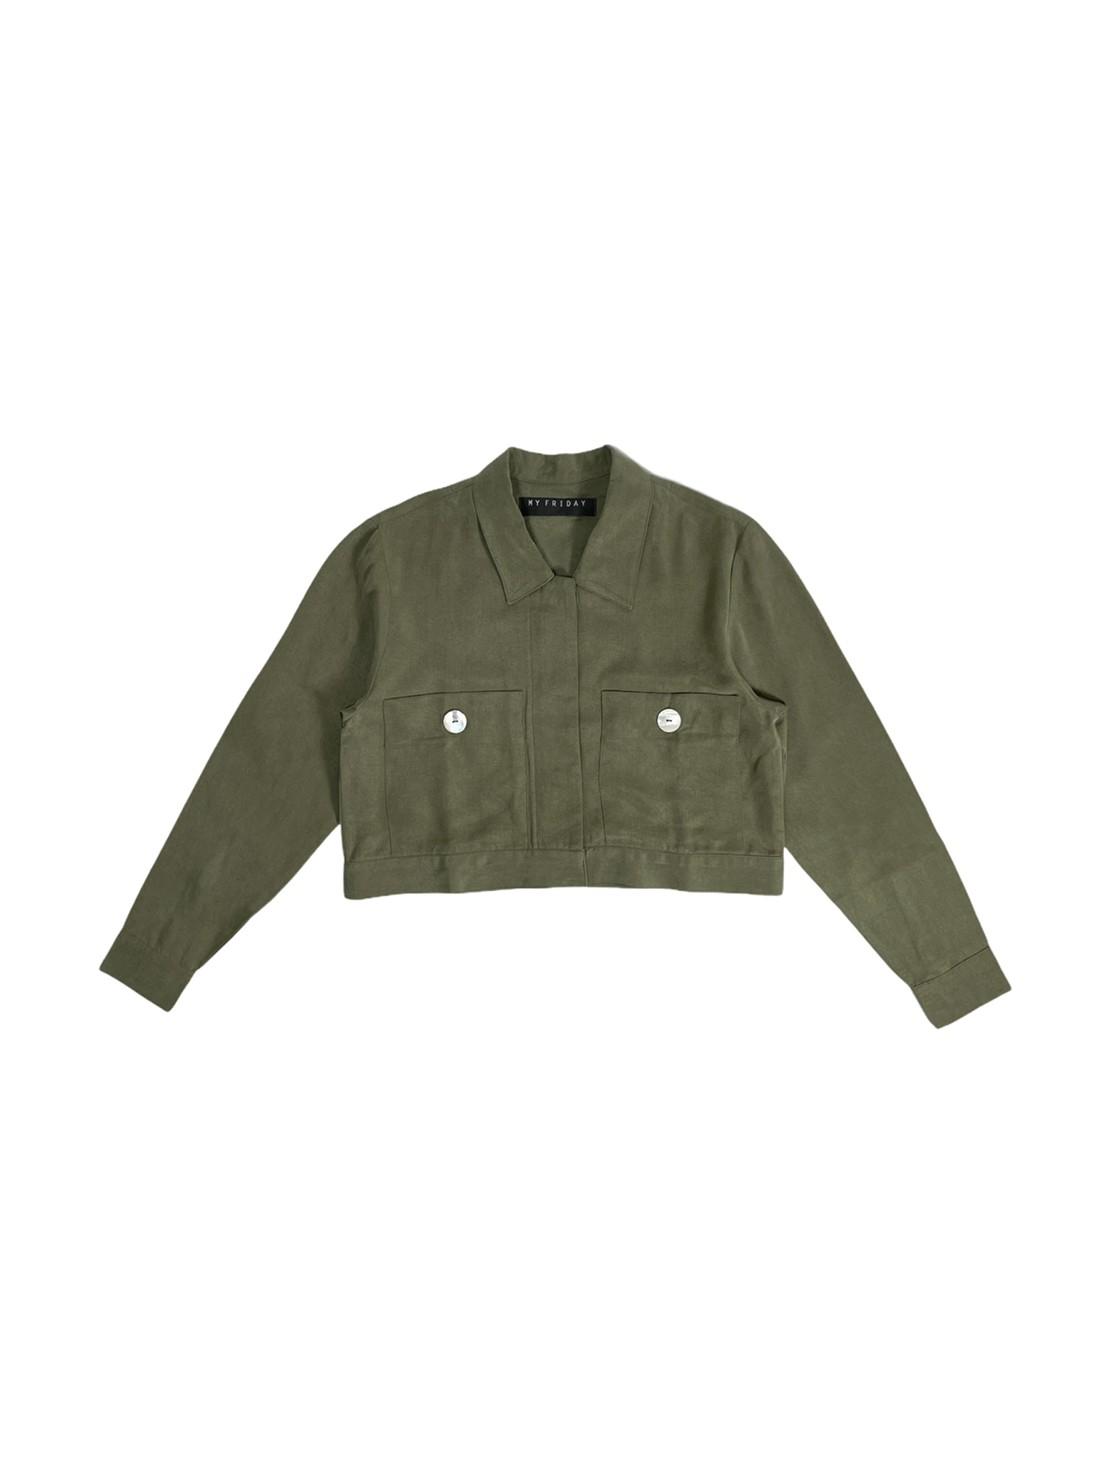 Cropped Jacket (Olive)